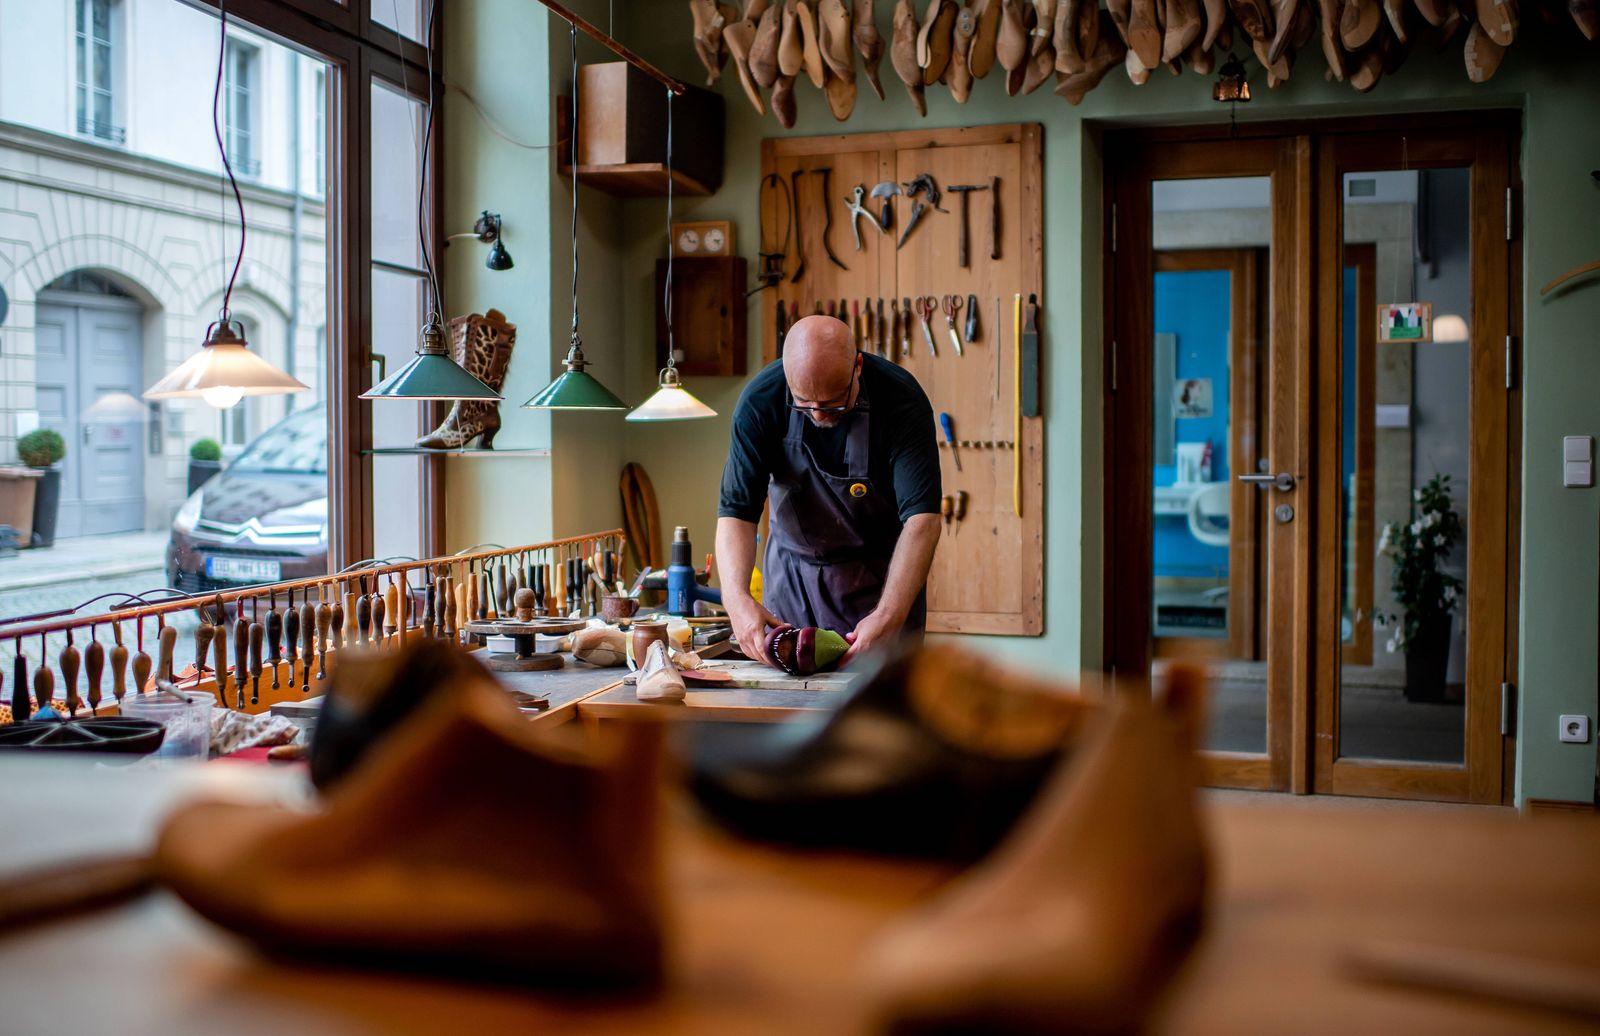 25. Juli 2020: Dresden (Sachsen), in der Werkstatt von Massschuhmacher Alexander Preiss: Massschuhmacher Alexander Preis